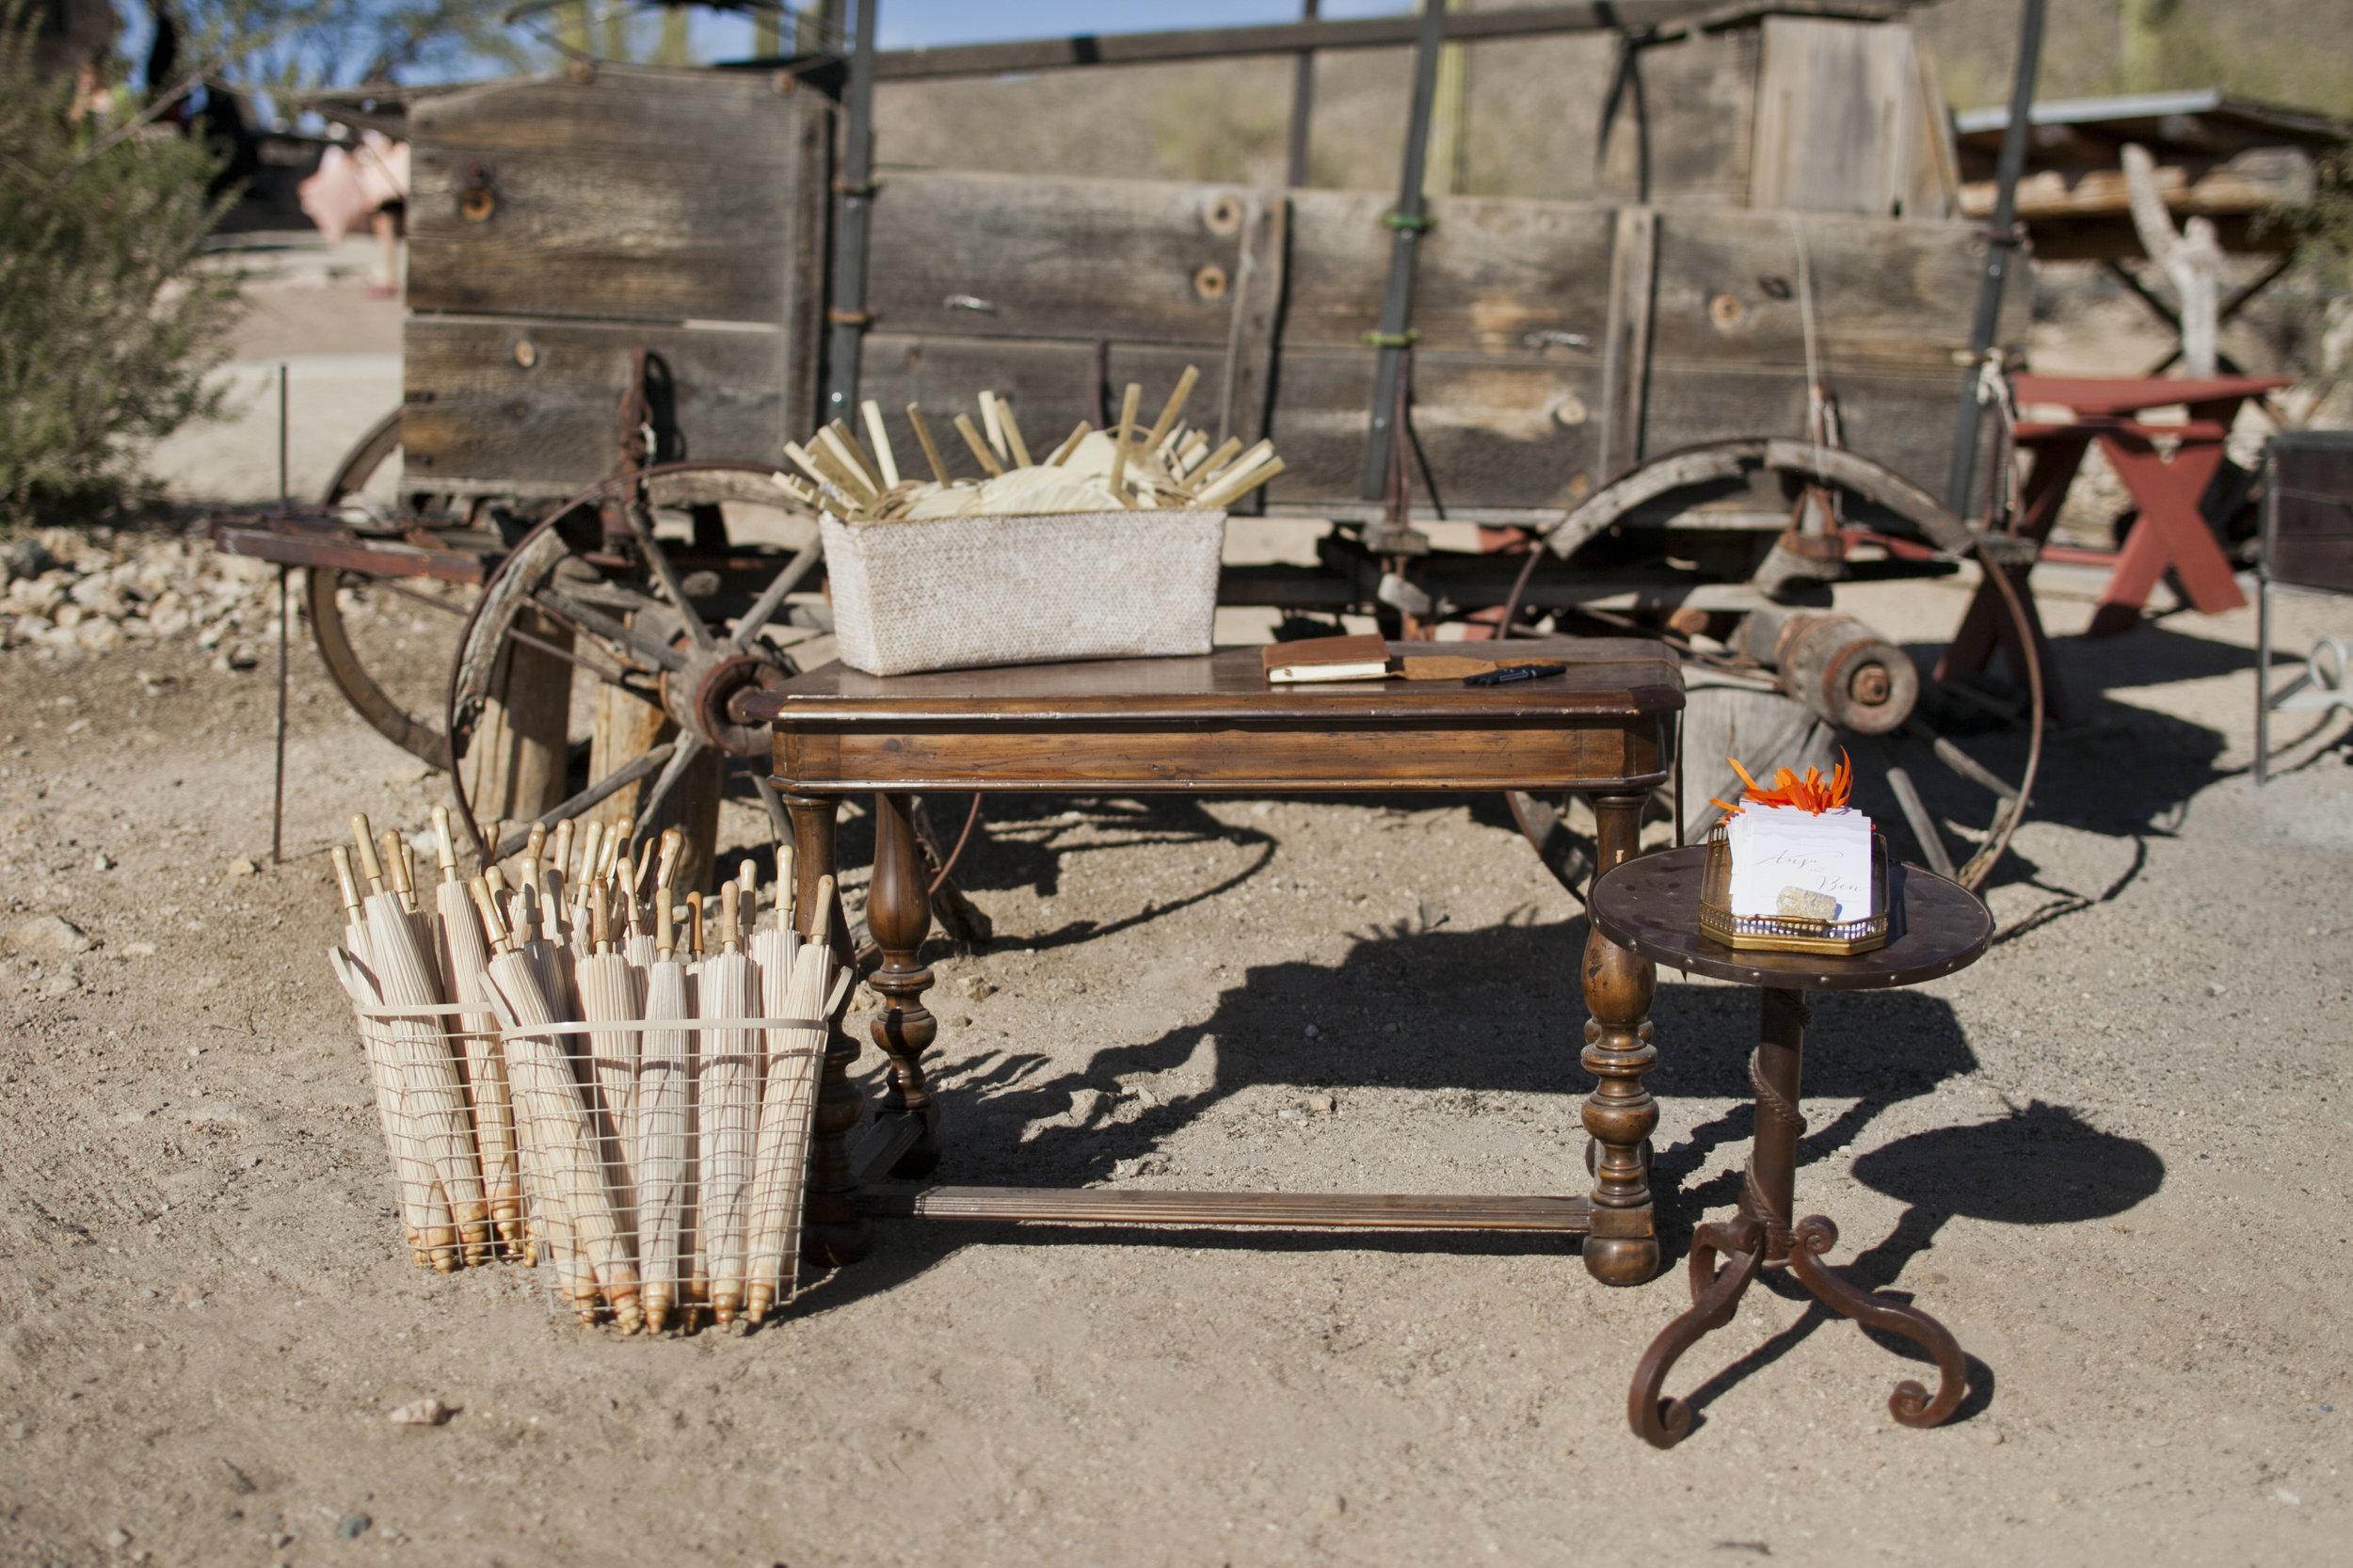 Ceci_New_York_Ceci_Style_Ceci_Johnson_Luxury_Lifestyle_Arizona_Wedding_Watercolor_Inspiration_Design_Custom_Couture_Personalized_Invitations_100.jpg